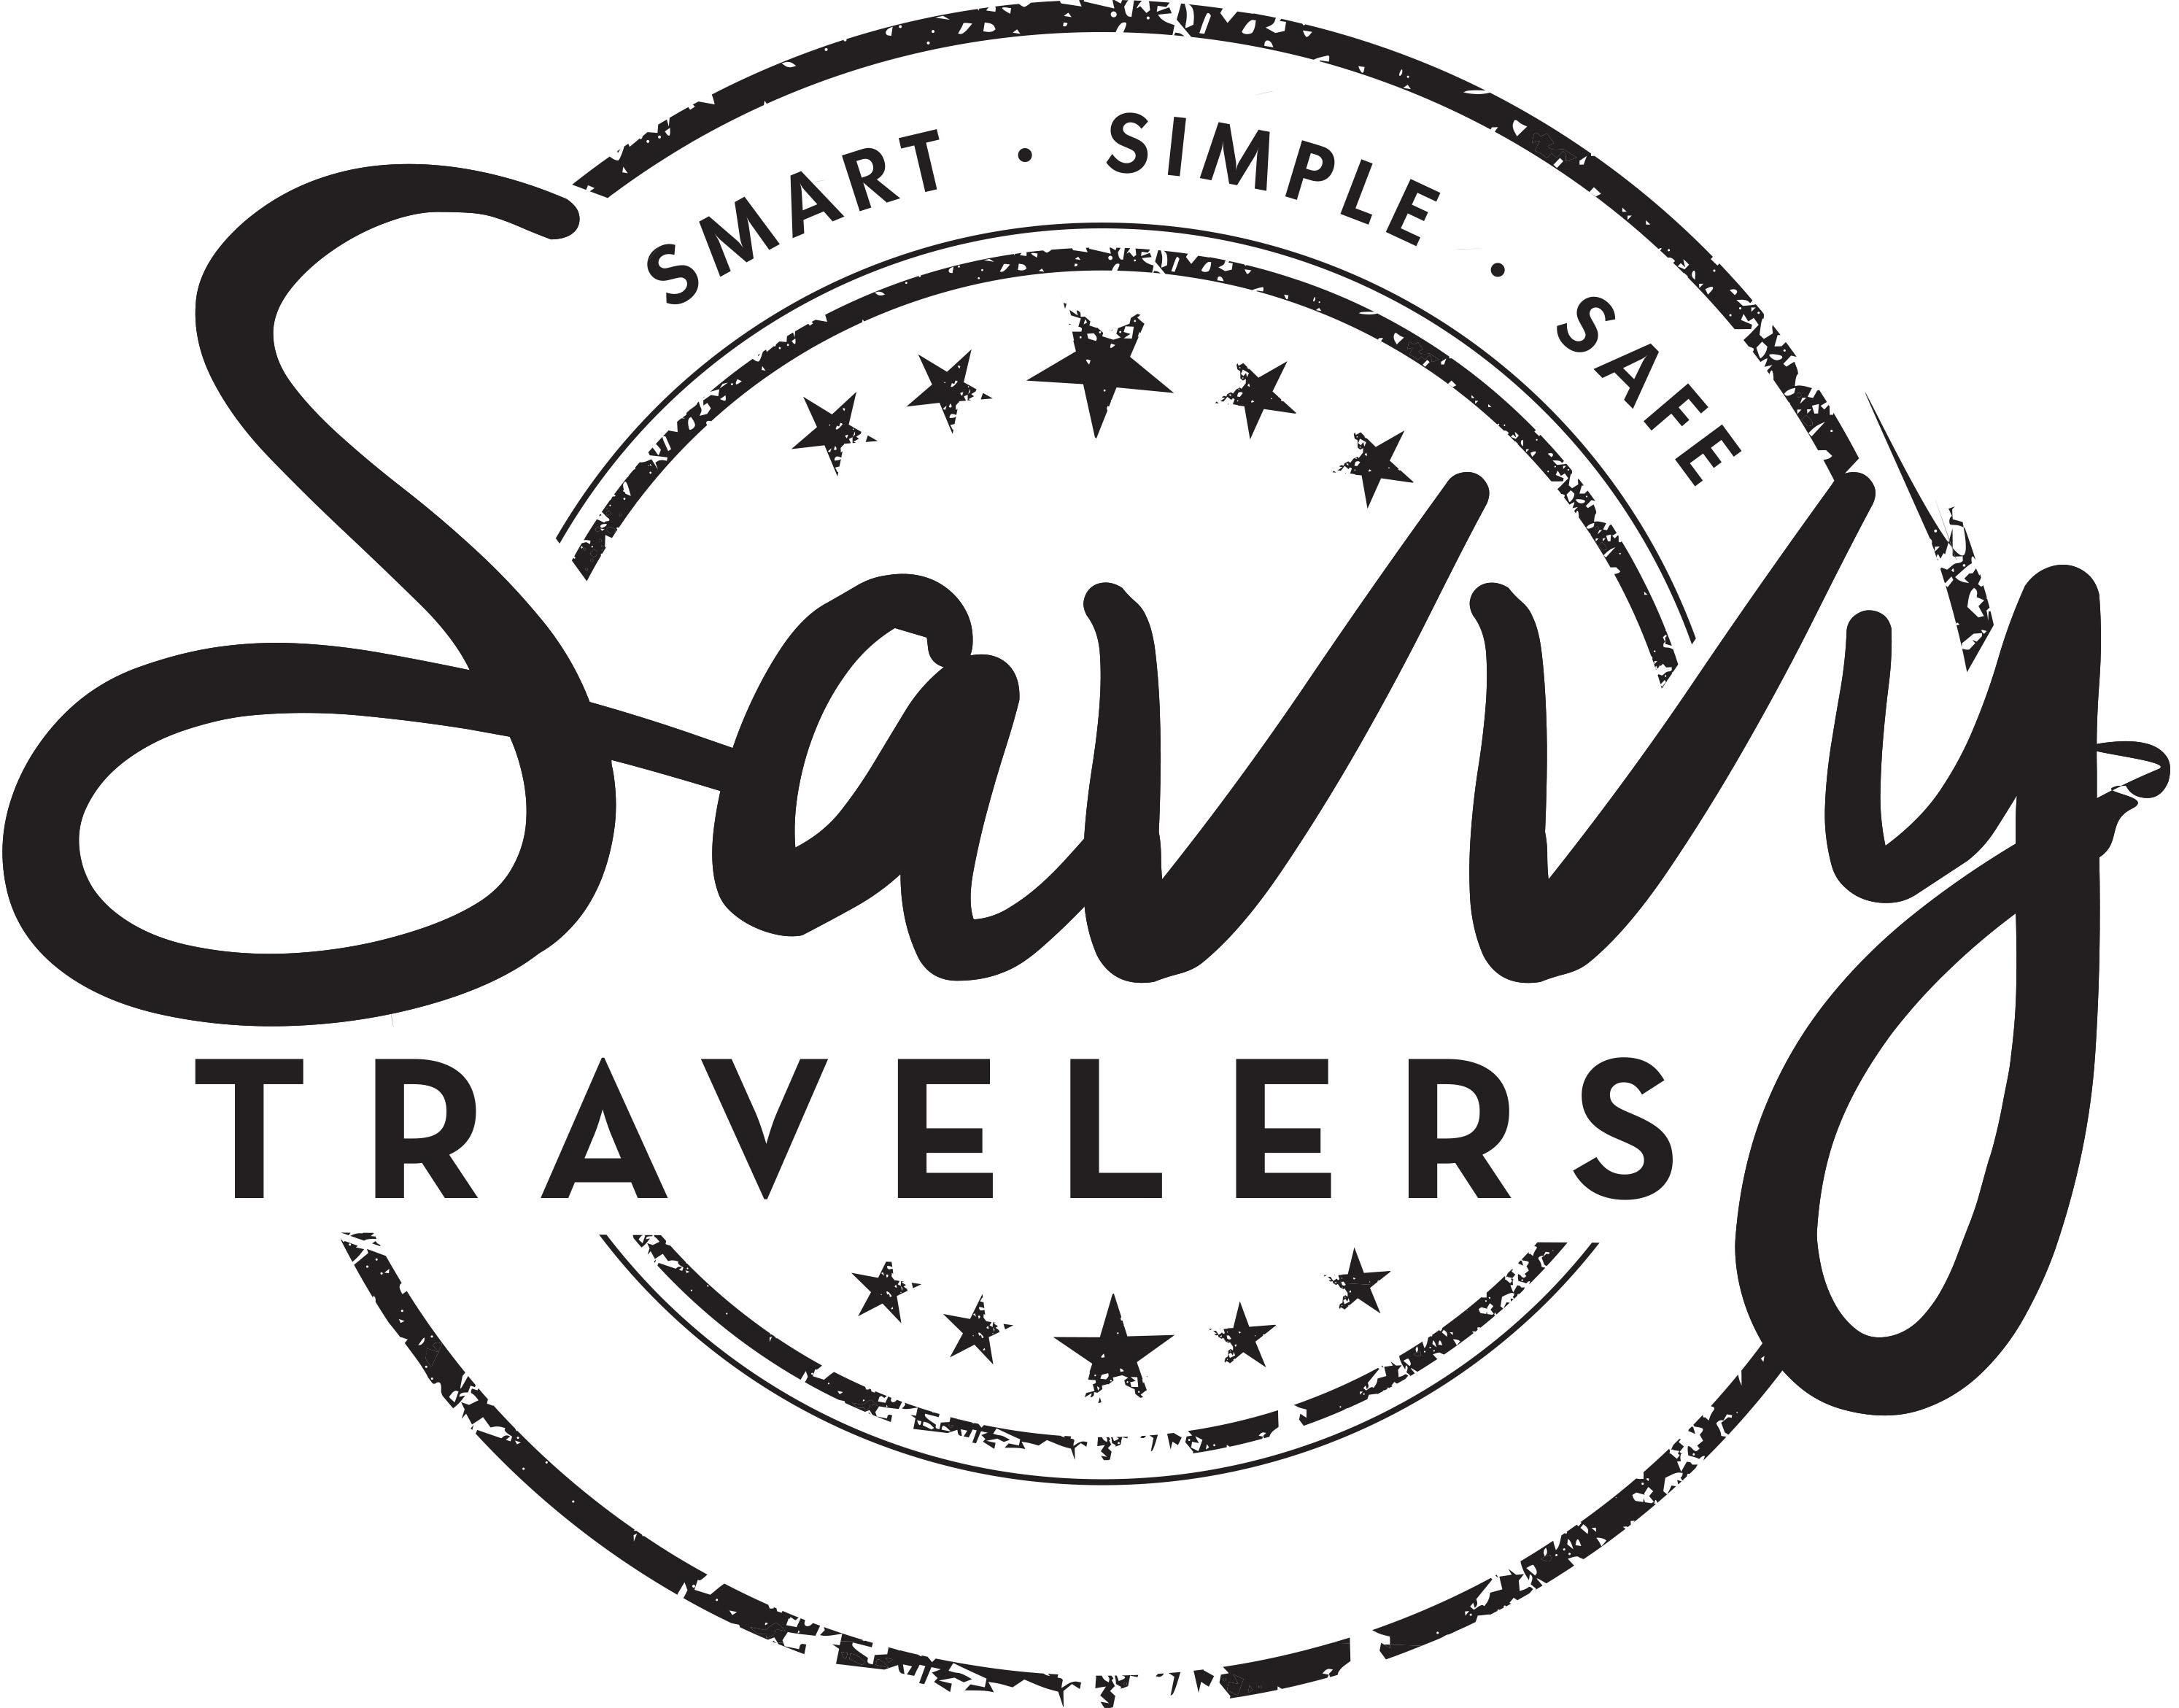 SAVVY TRAVELERS